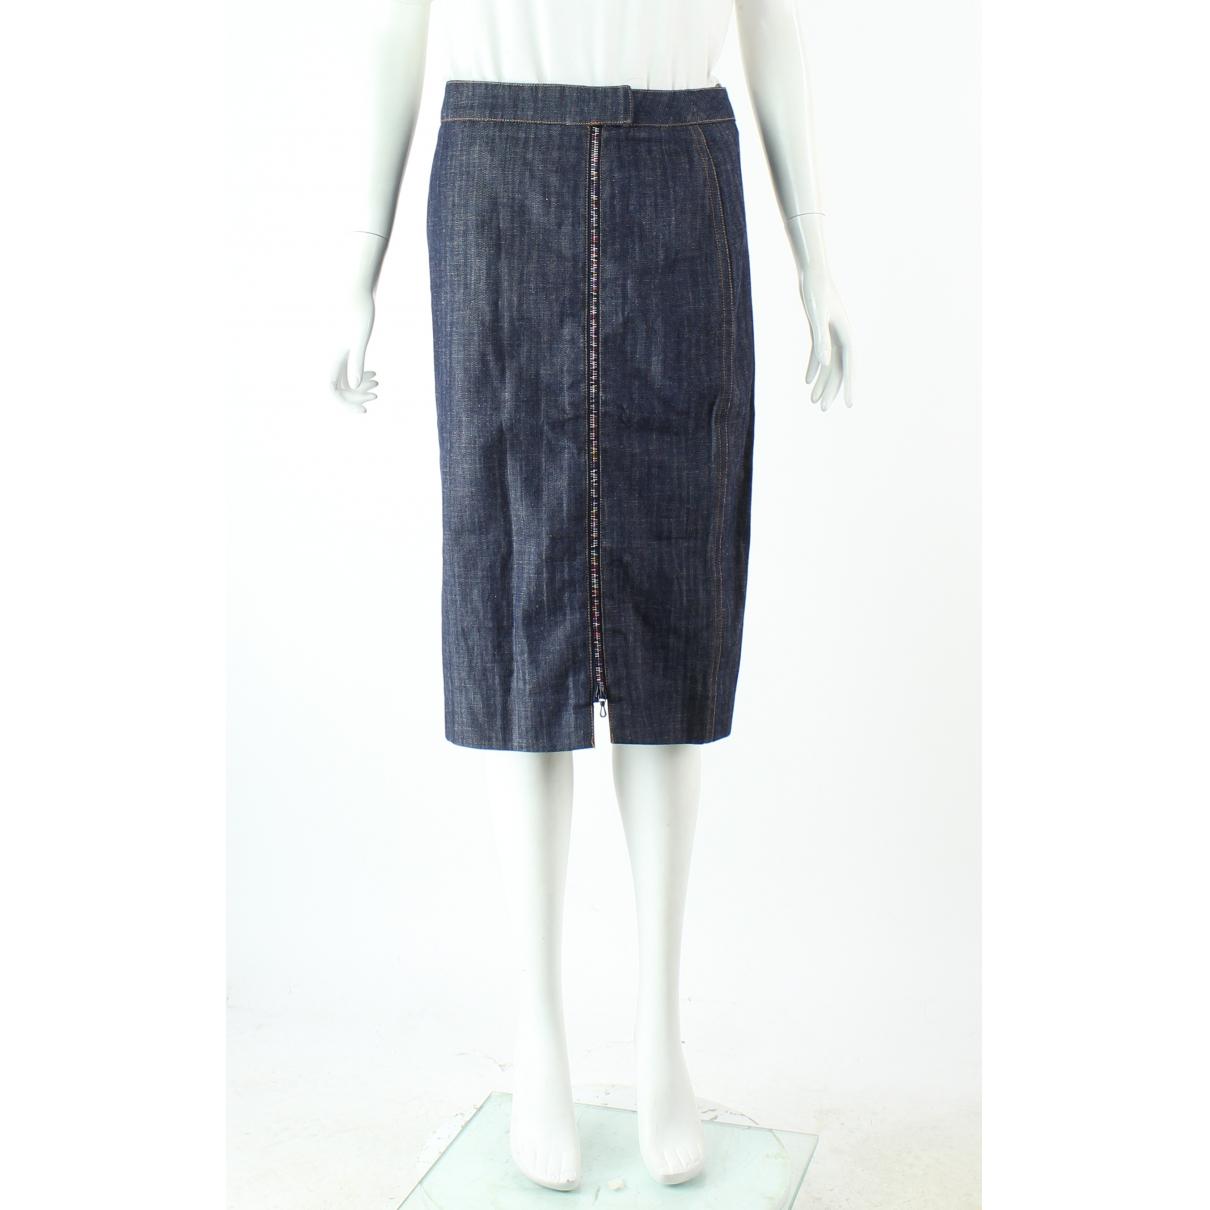 Chloé \N Navy Cotton skirt for Women 38 FR